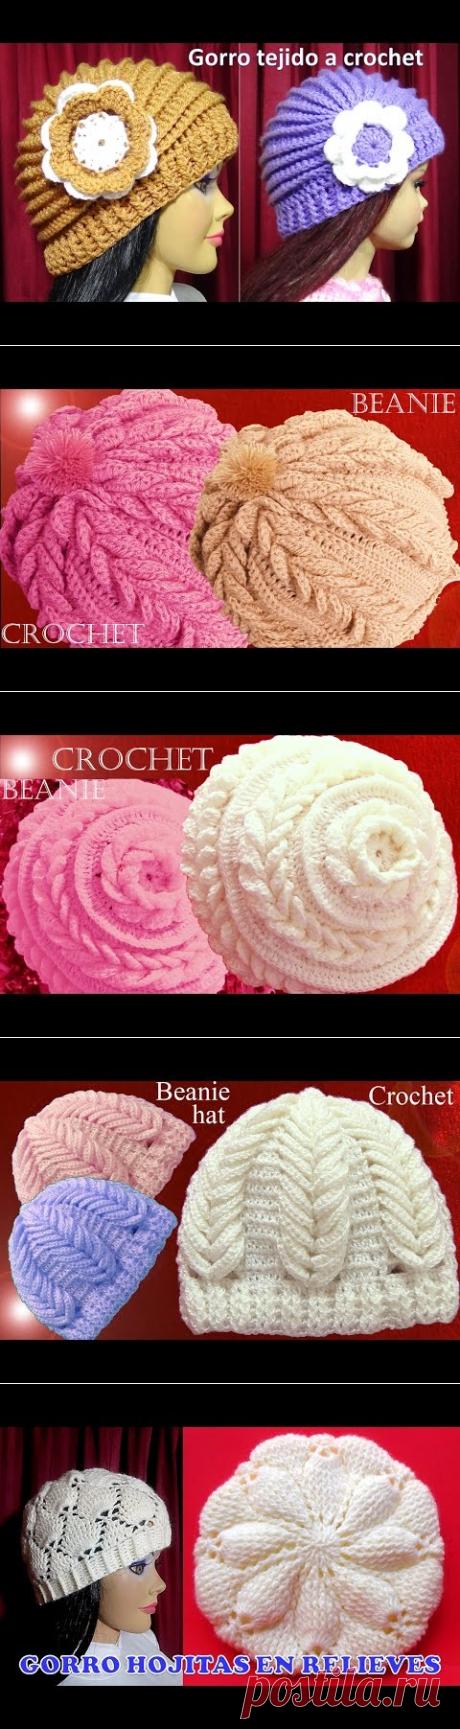 paquete elegante y resistente primer nivel Garantía de calidad 100% Buscar posts: Tejidos a crochet